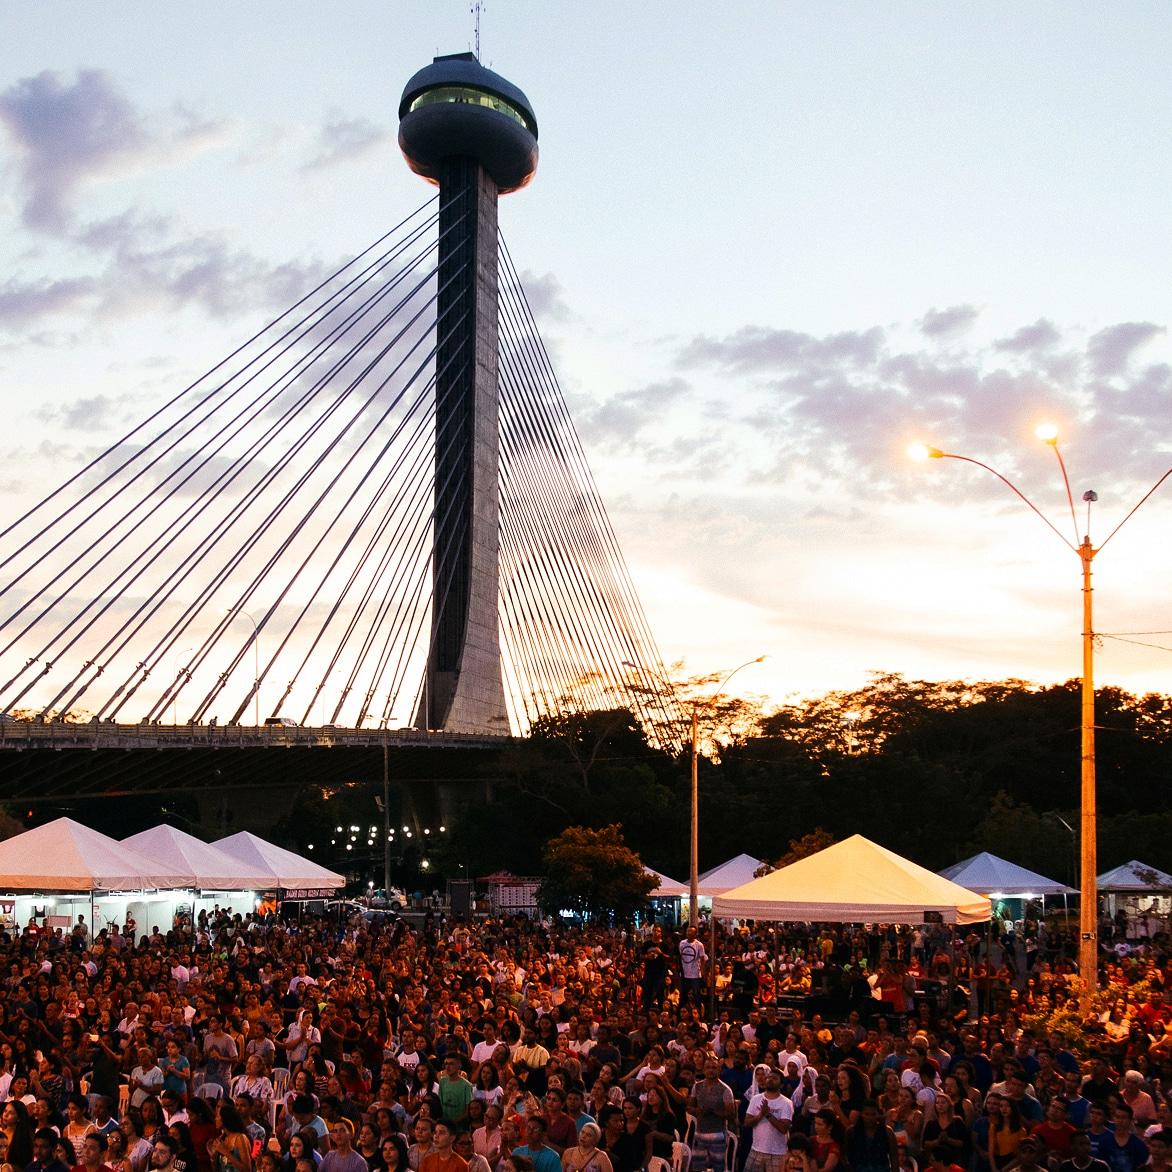 Festival Halleluya reúne 15 mil pessoas na Ponte Estaiada